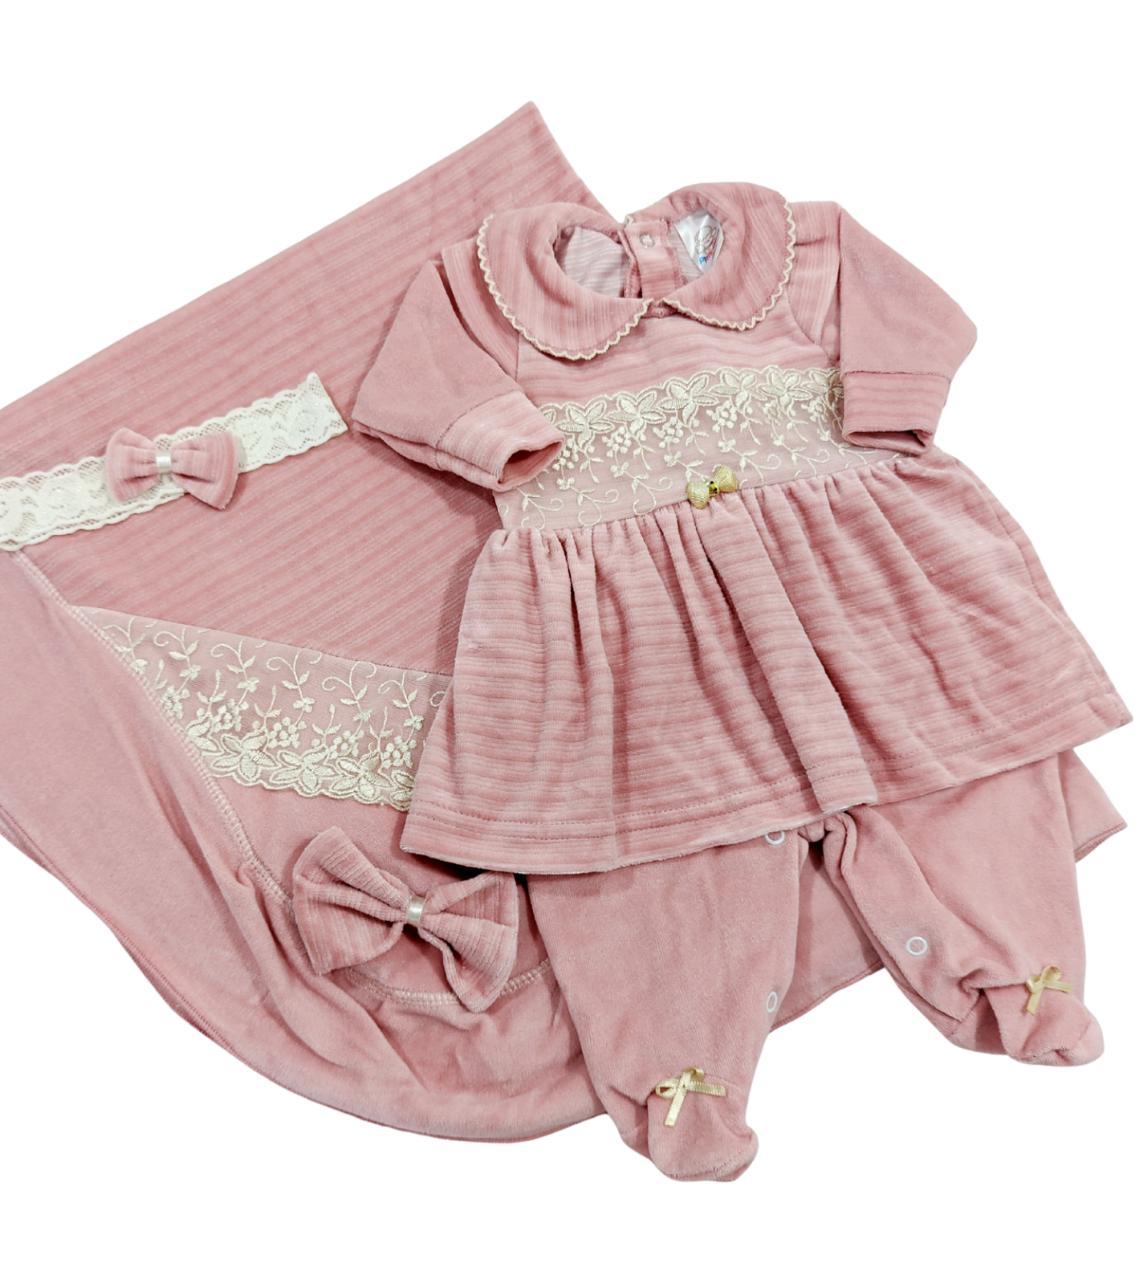 Saída de Maternidade Rosê - Modelo Longo Plush - Recém Nascido 0 à 3 Meses - 03 Peças - Pimpinha